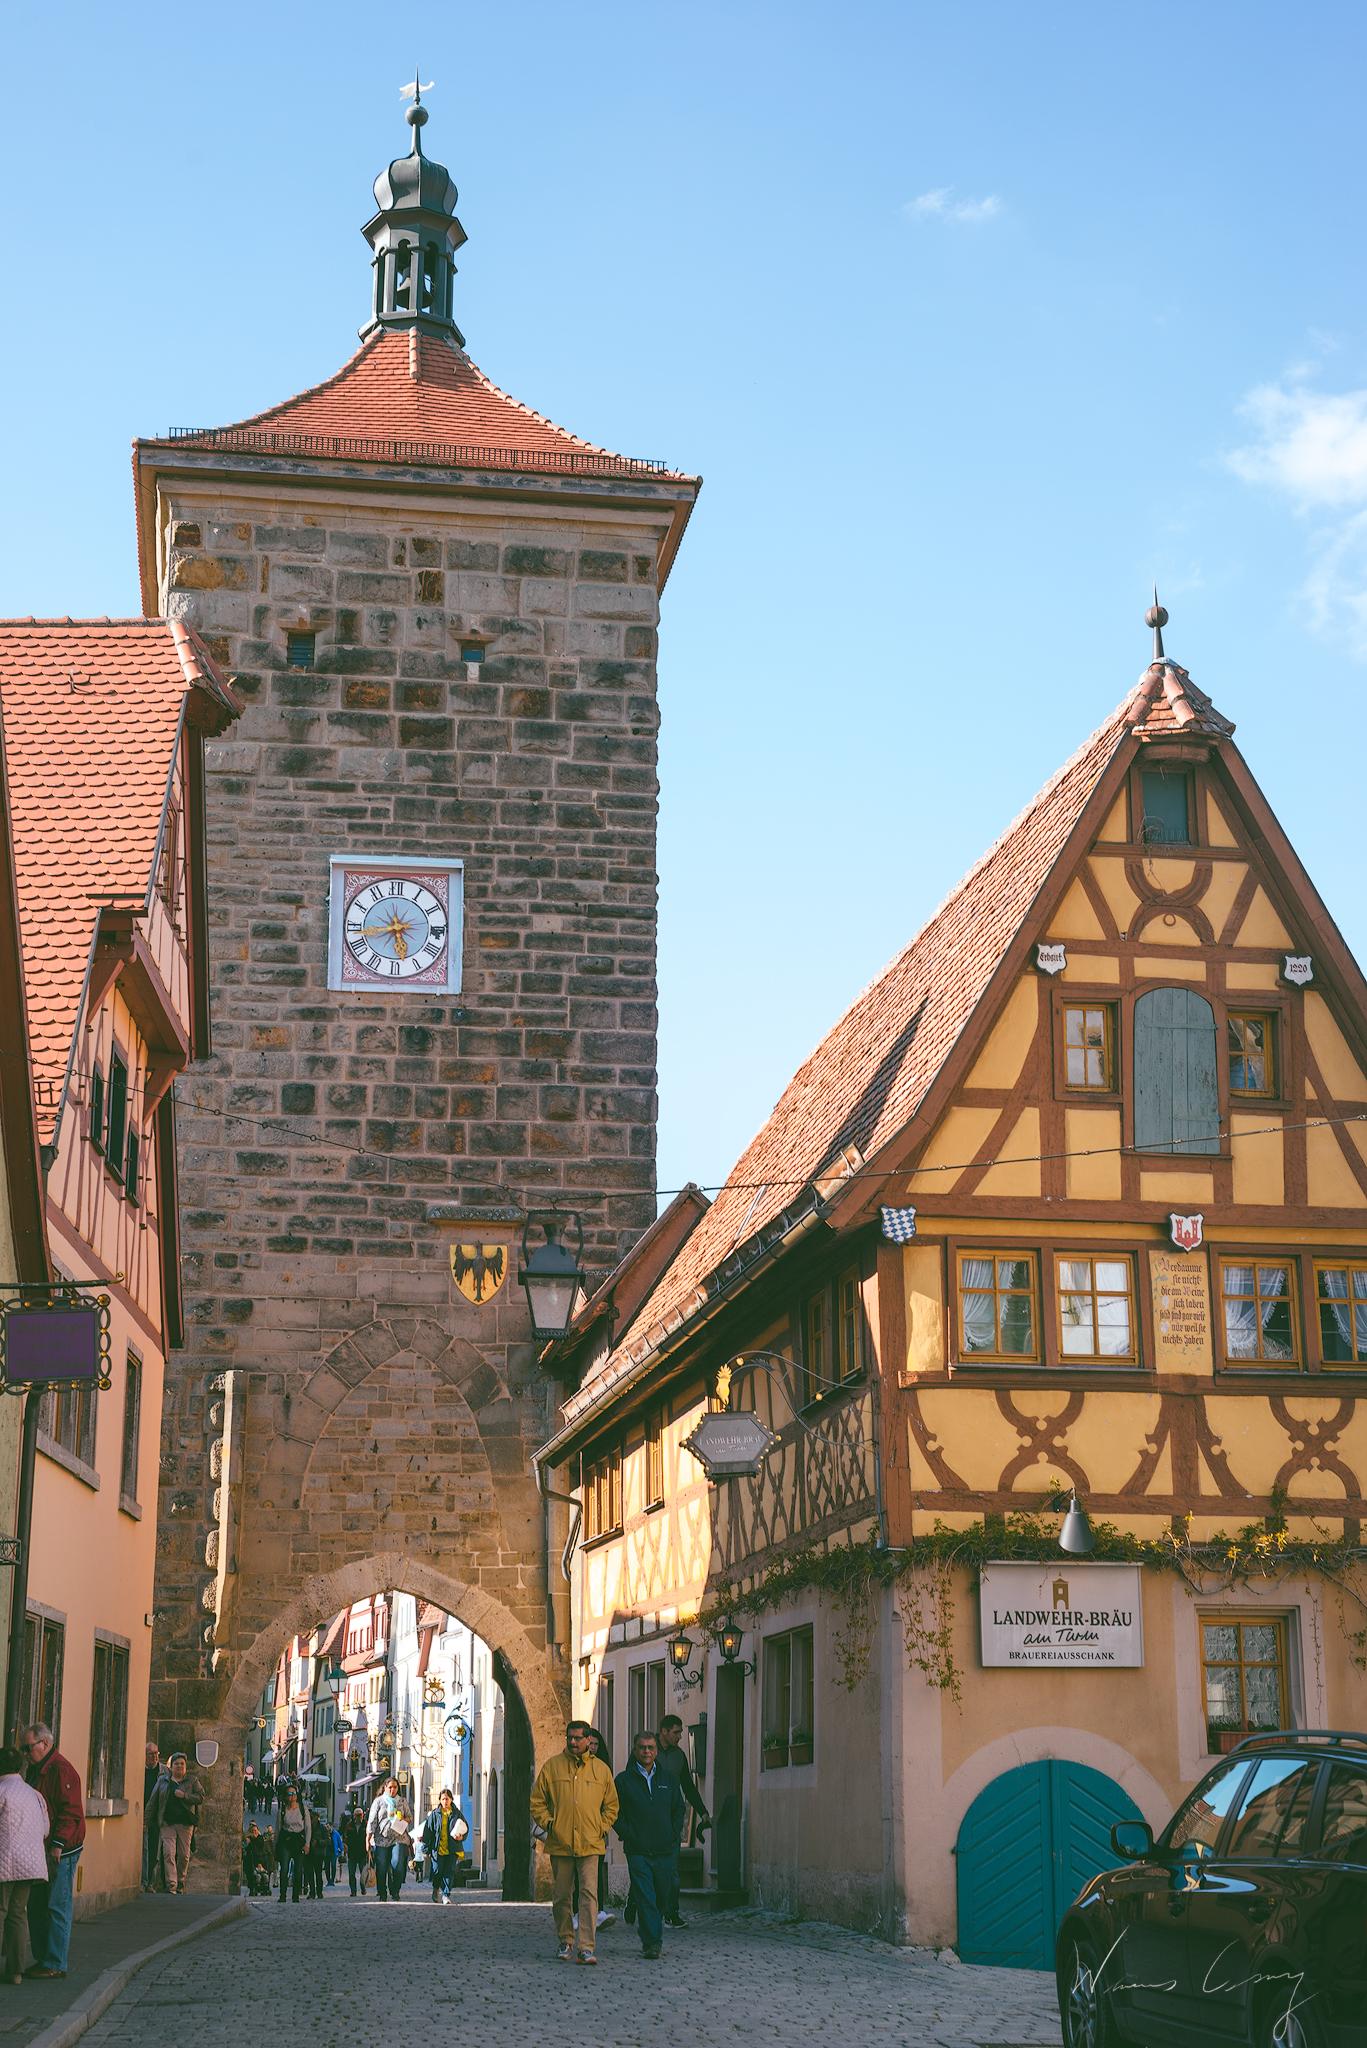 到德國攝影 羅騰堡 可愛的中世紀童話小鎮 Rothenburg ob der Tauber by Wilhelm Chang